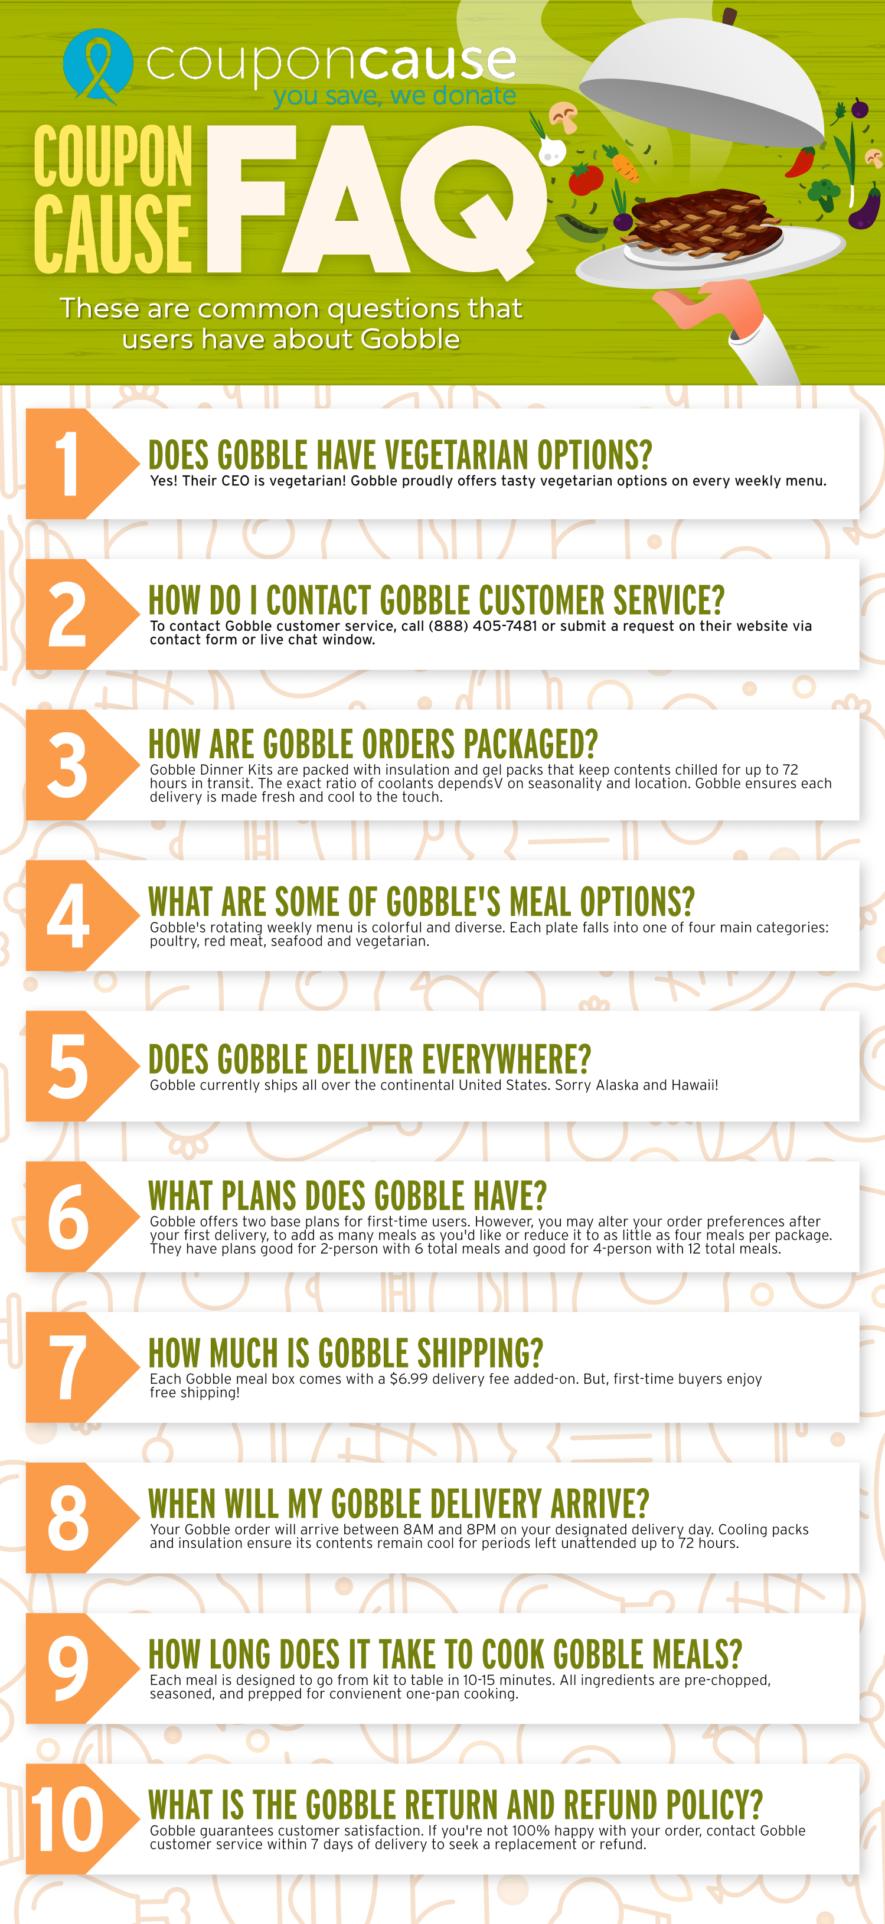 Gobble Coupon Cause FAQ (C.C. FAQ)